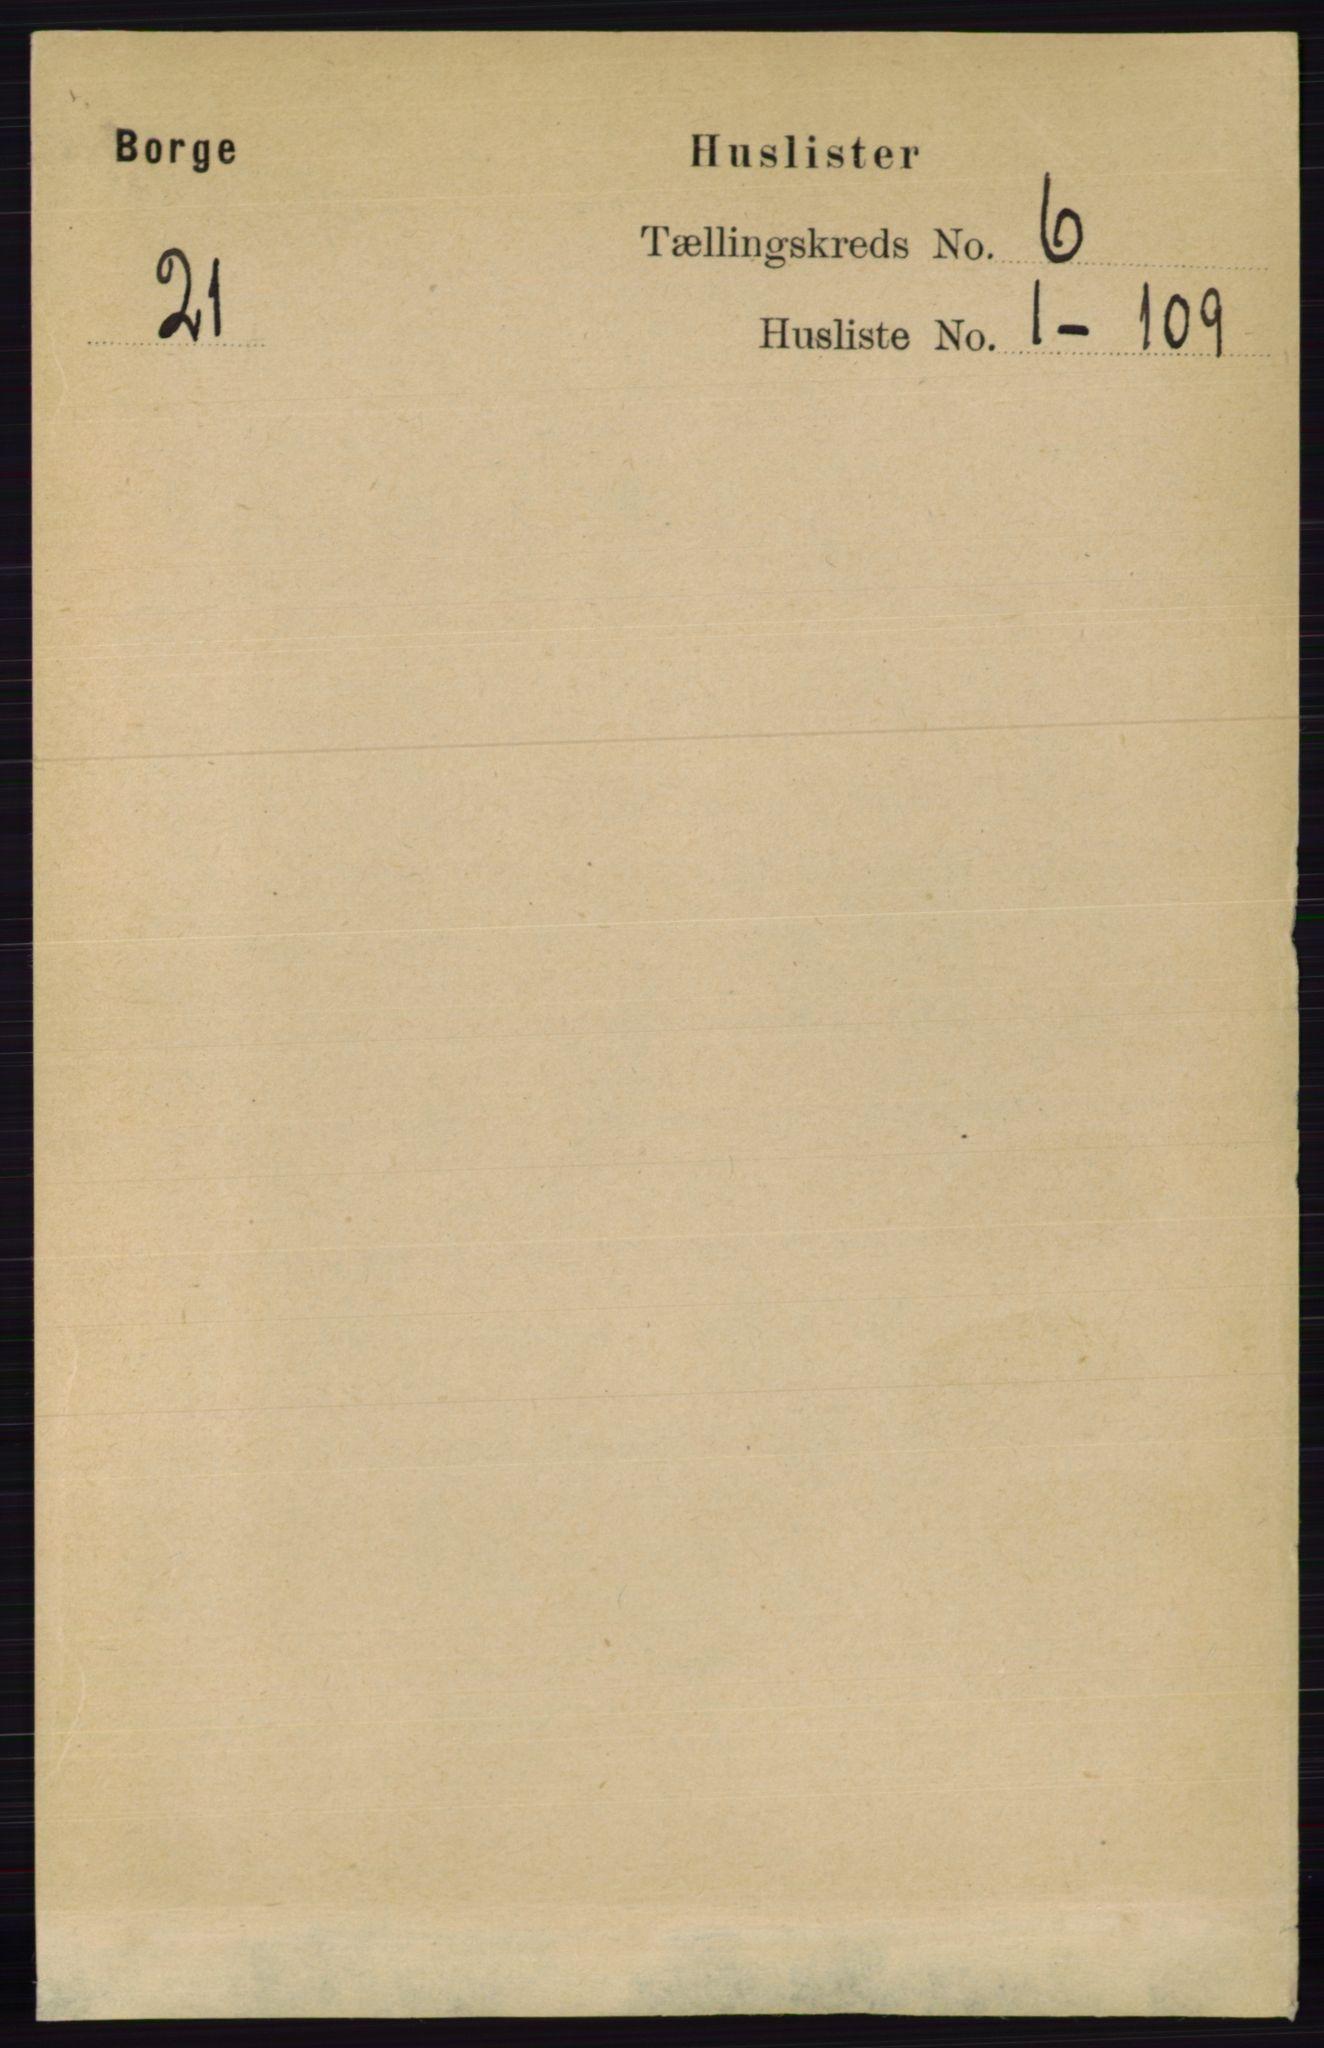 RA, Folketelling 1891 for 0113 Borge herred, 1891, s. 2924